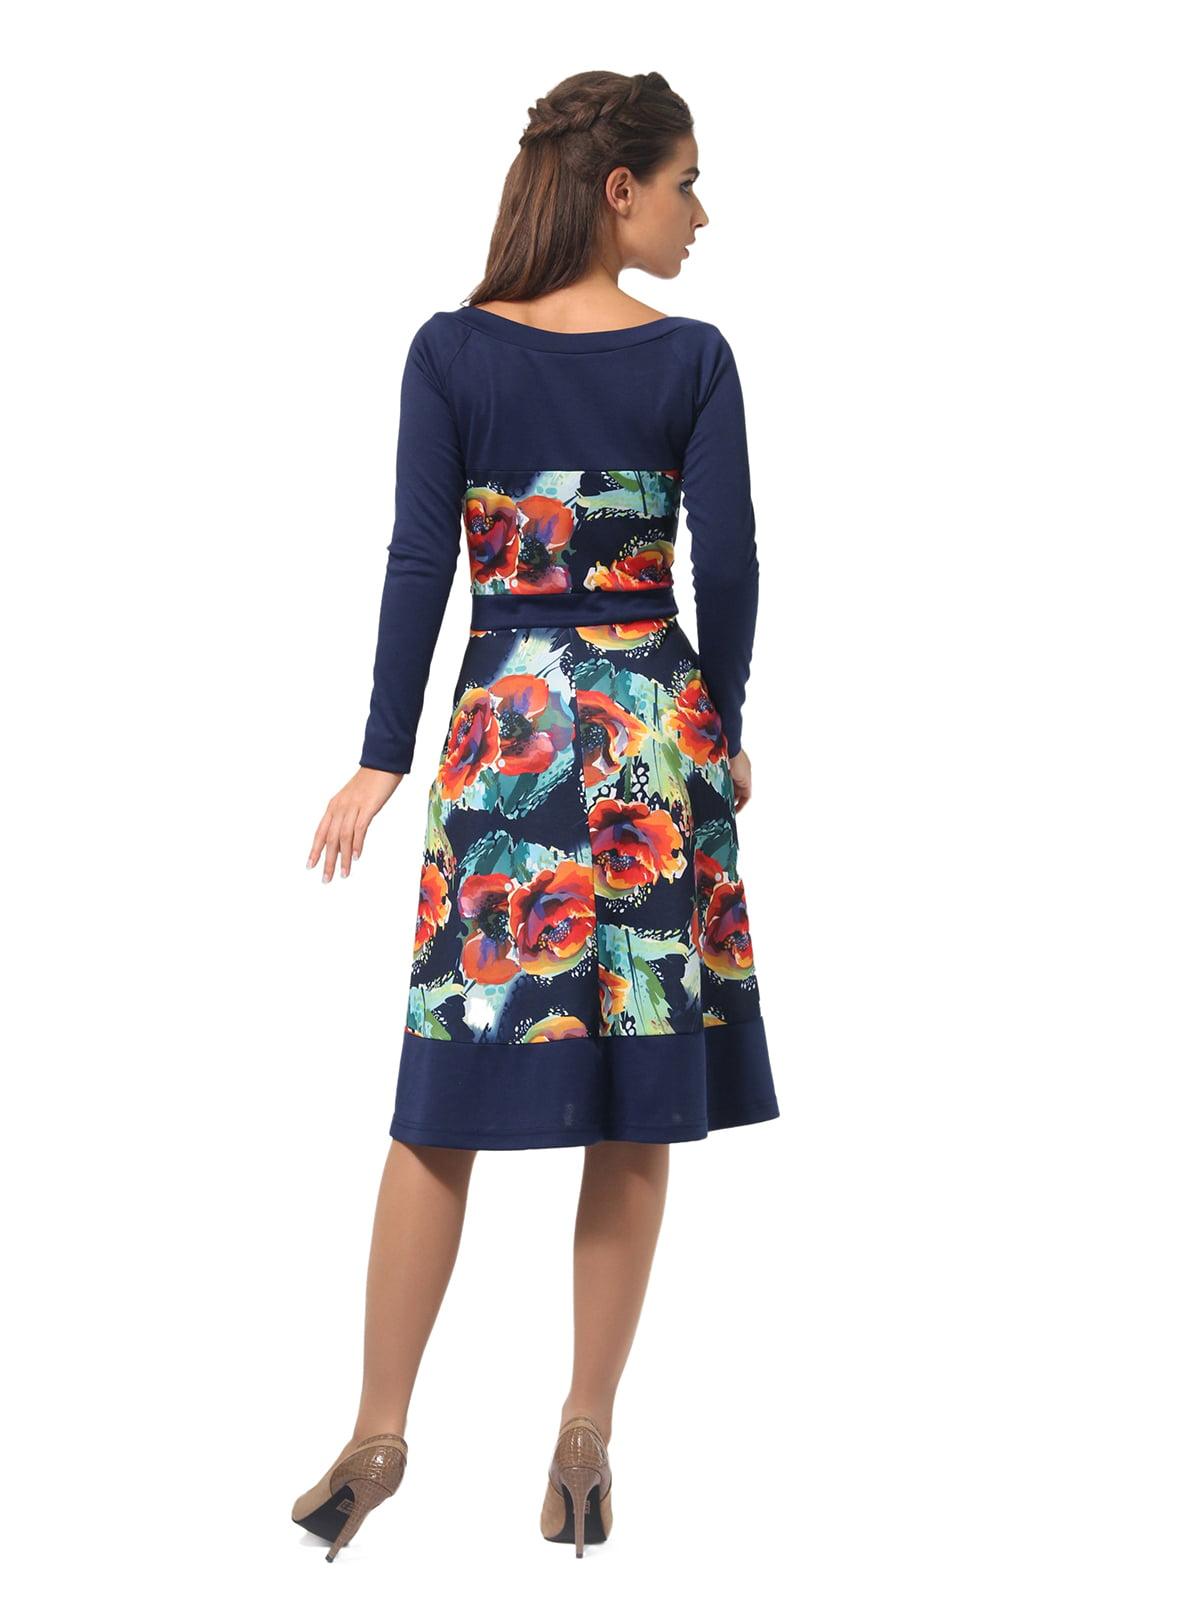 Платье синее с цветочным принтом   4794782   фото 2